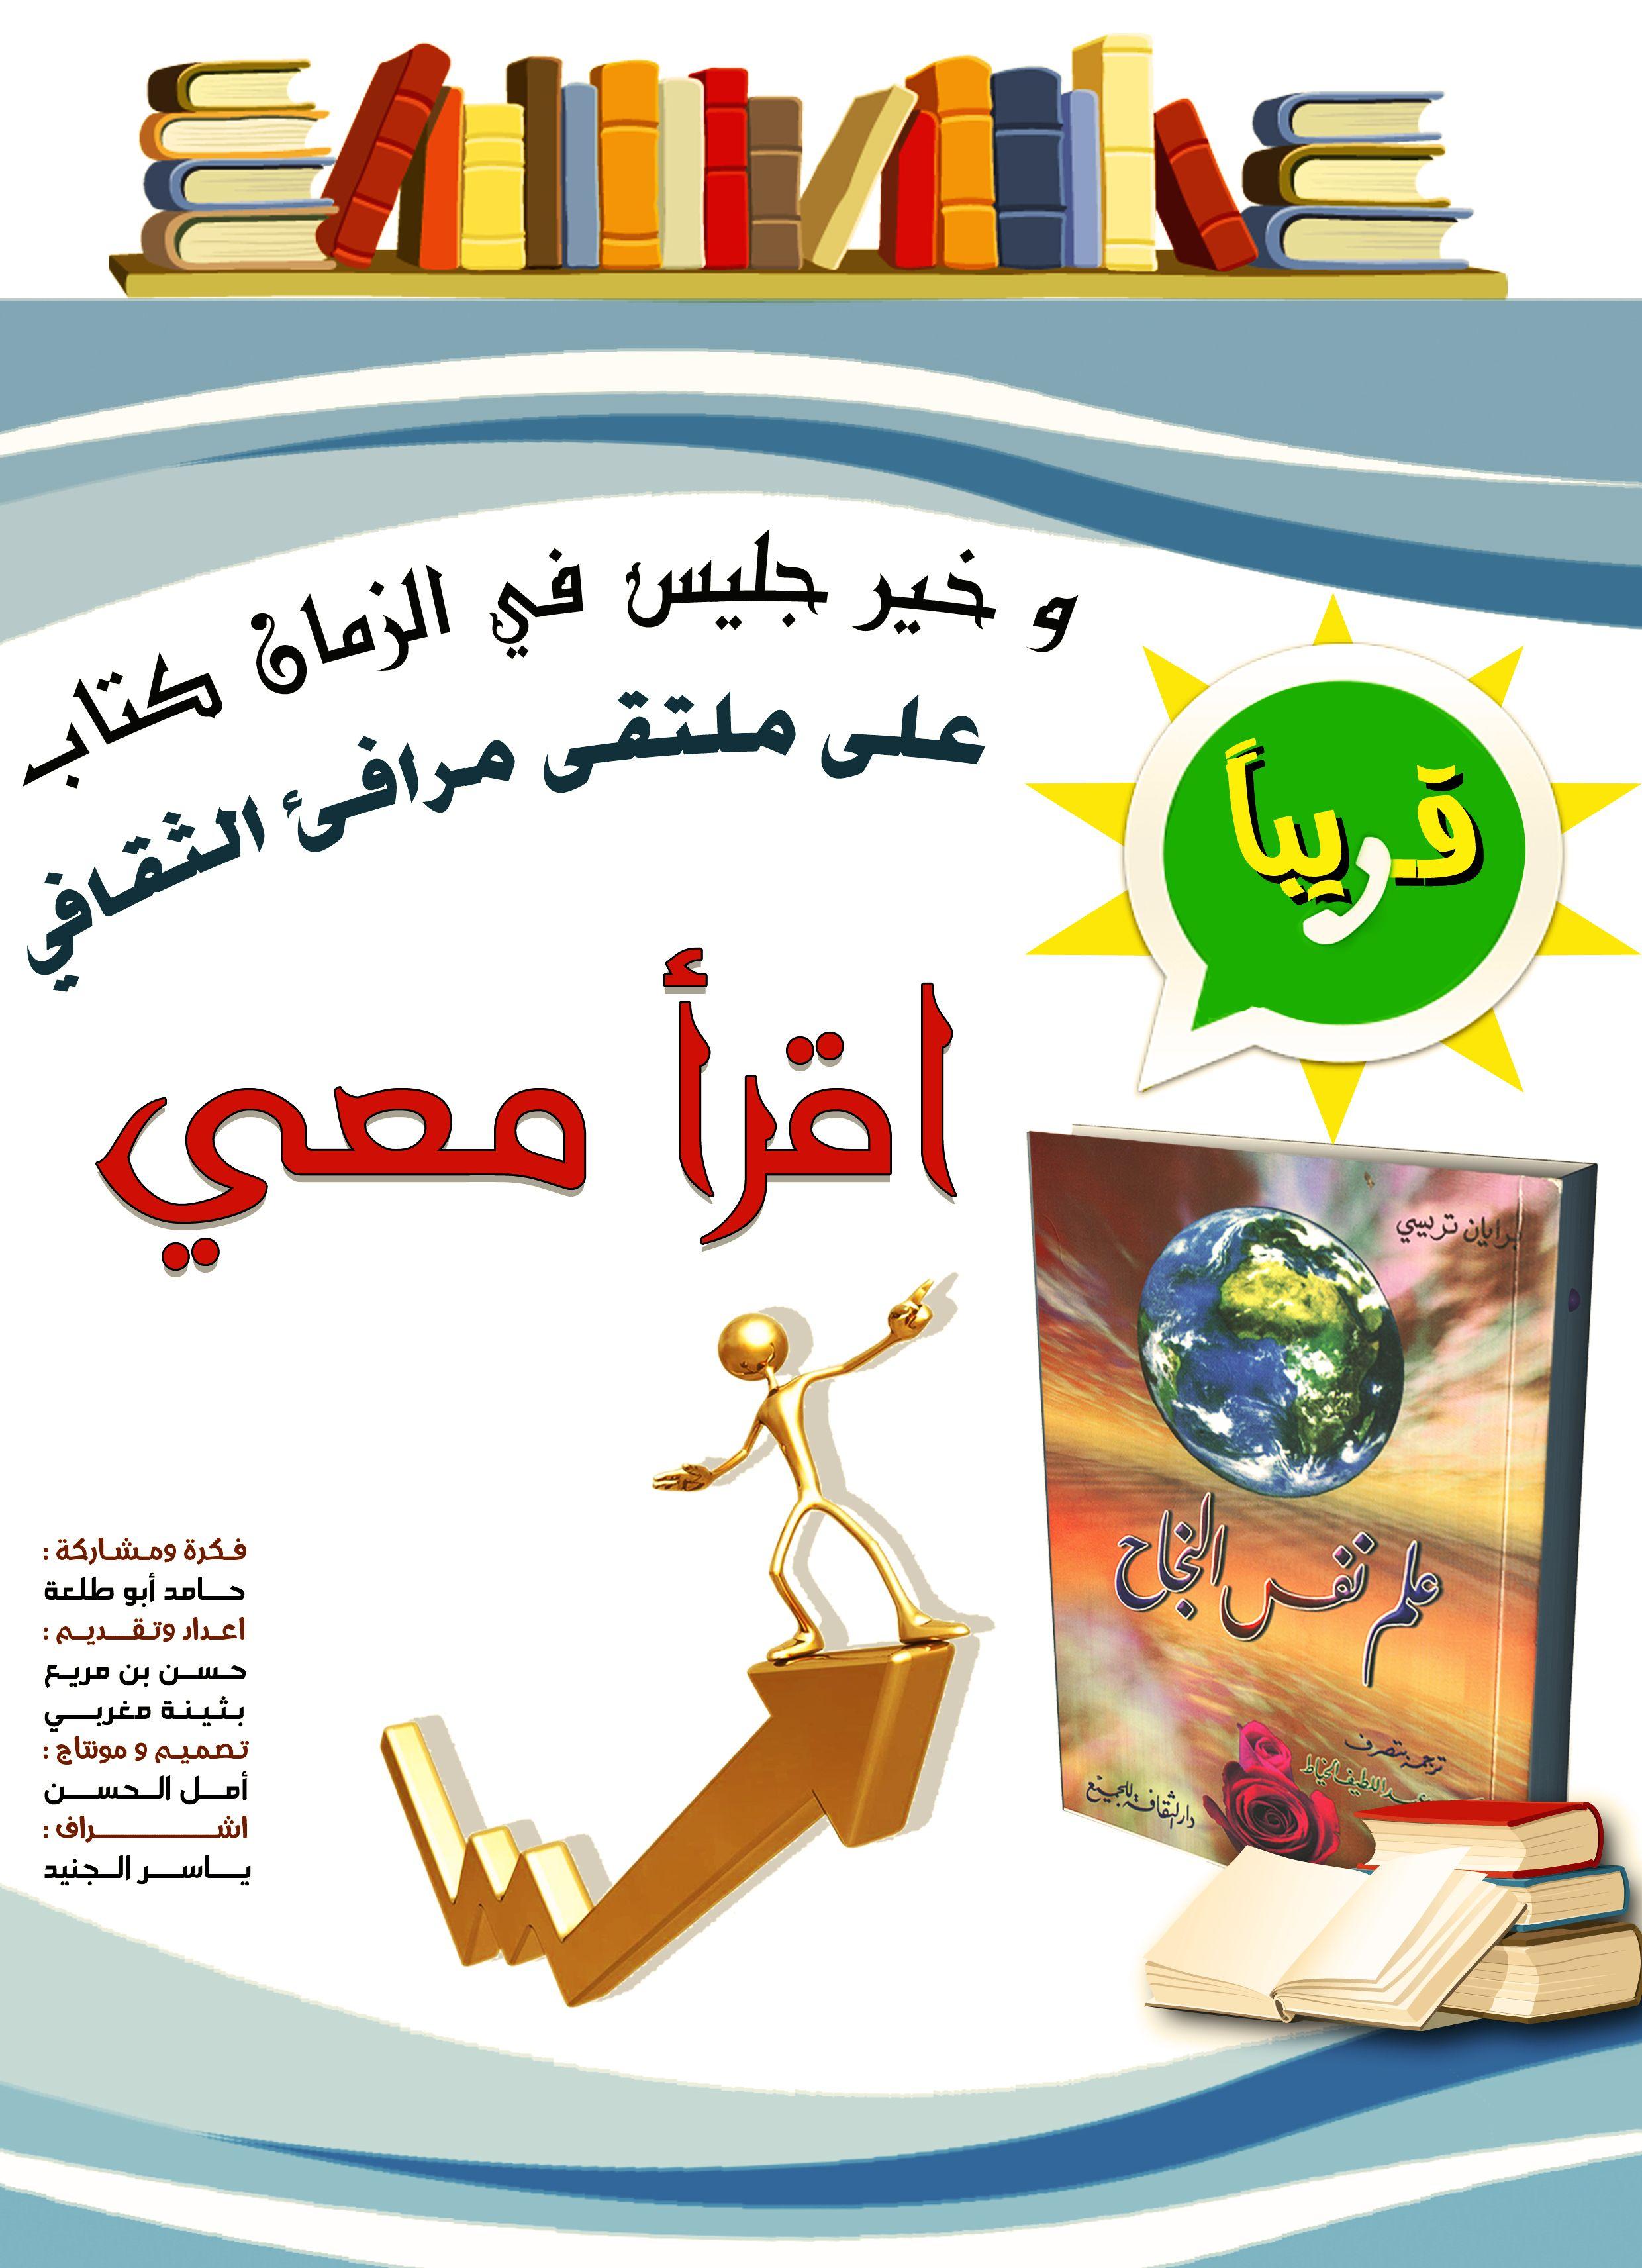 تصميمي أمل الحسن تصميم اعلاني بروشور للقاء ادبي